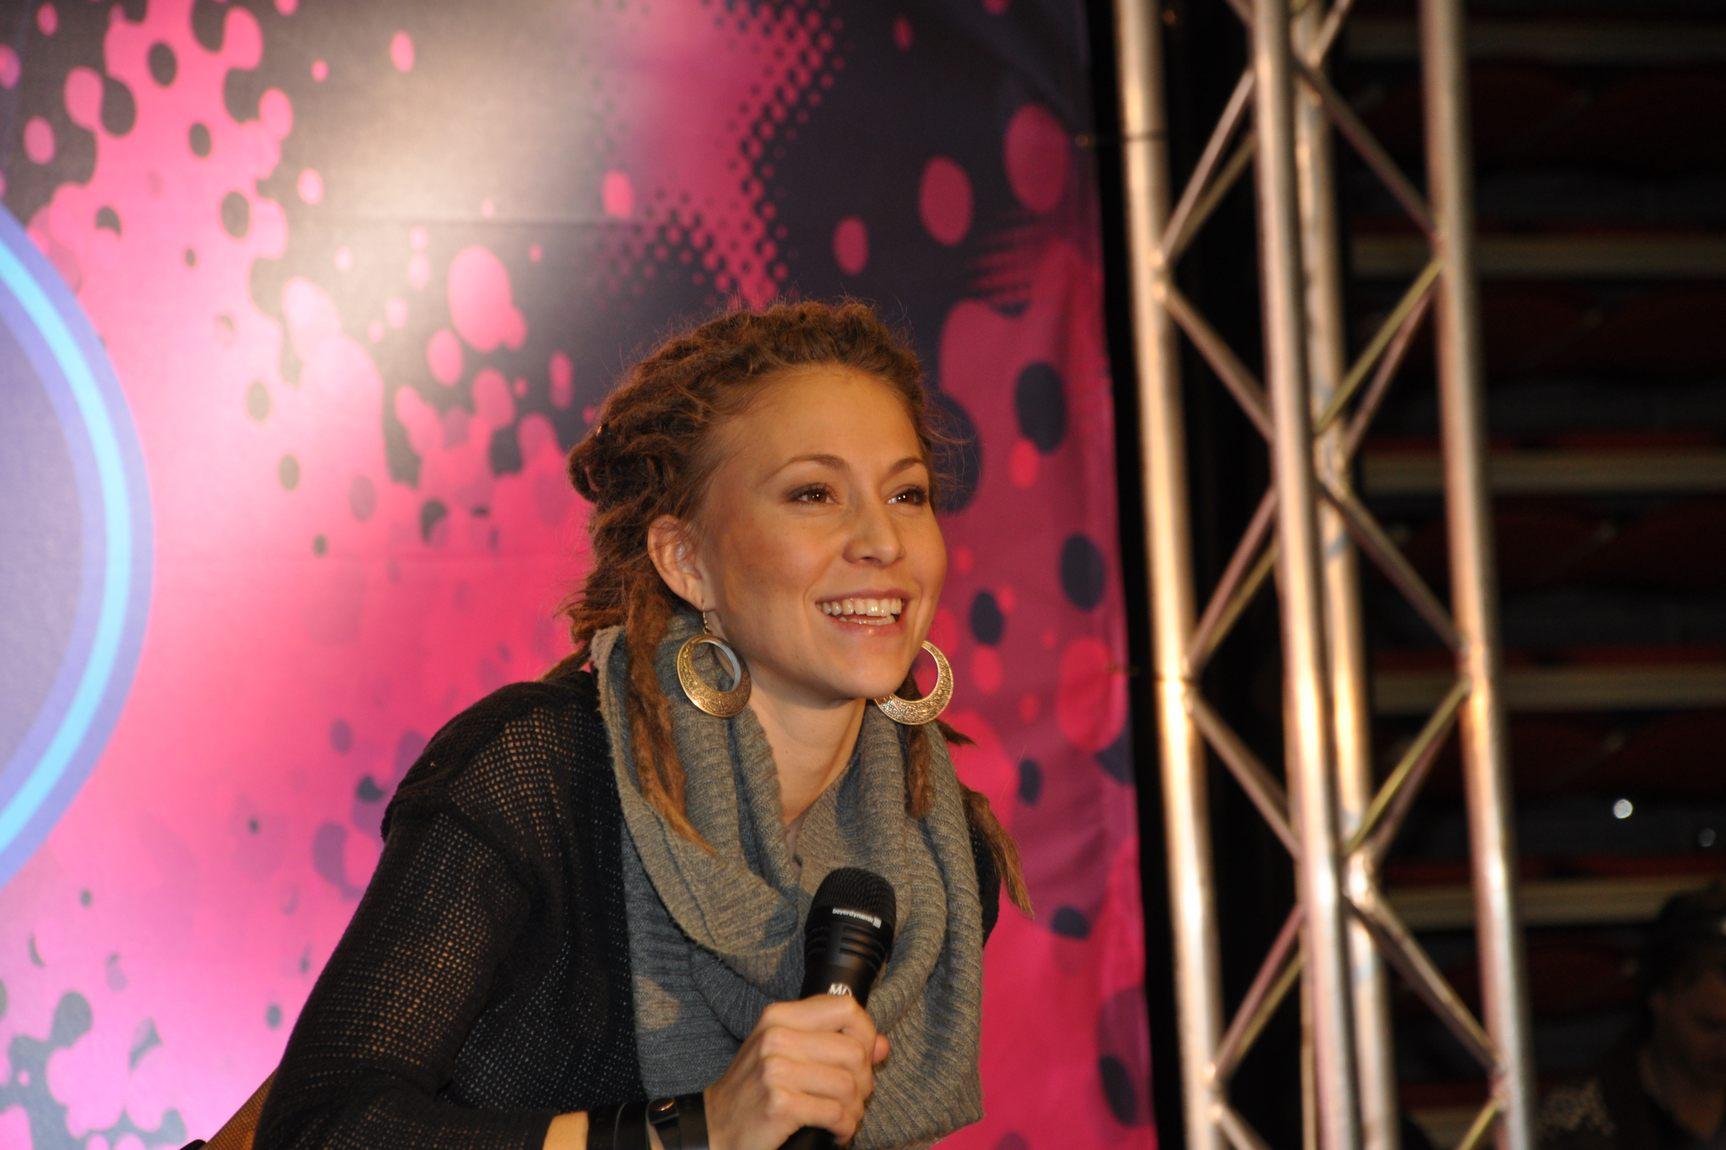 Mariette_2009-11-28_Halmstad_004